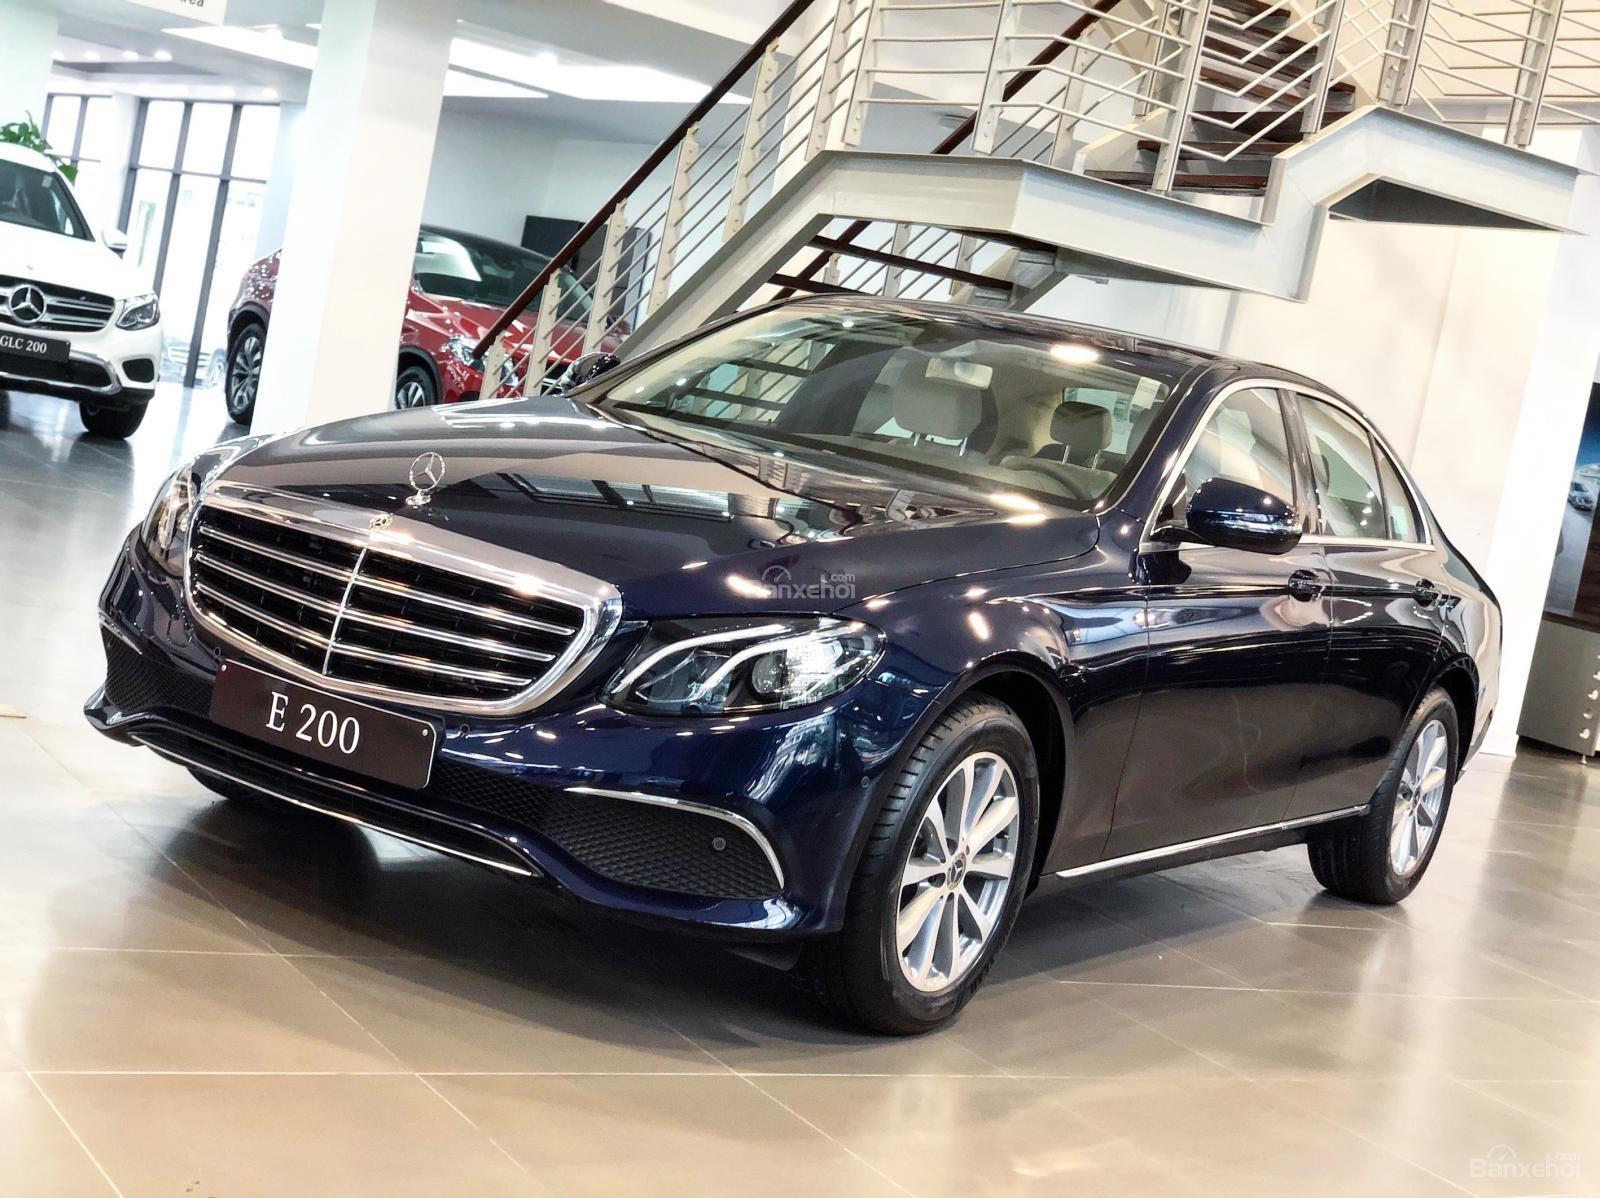 Giá xe Mercedes E200 model 2019, tốt nhất thị trường (1)